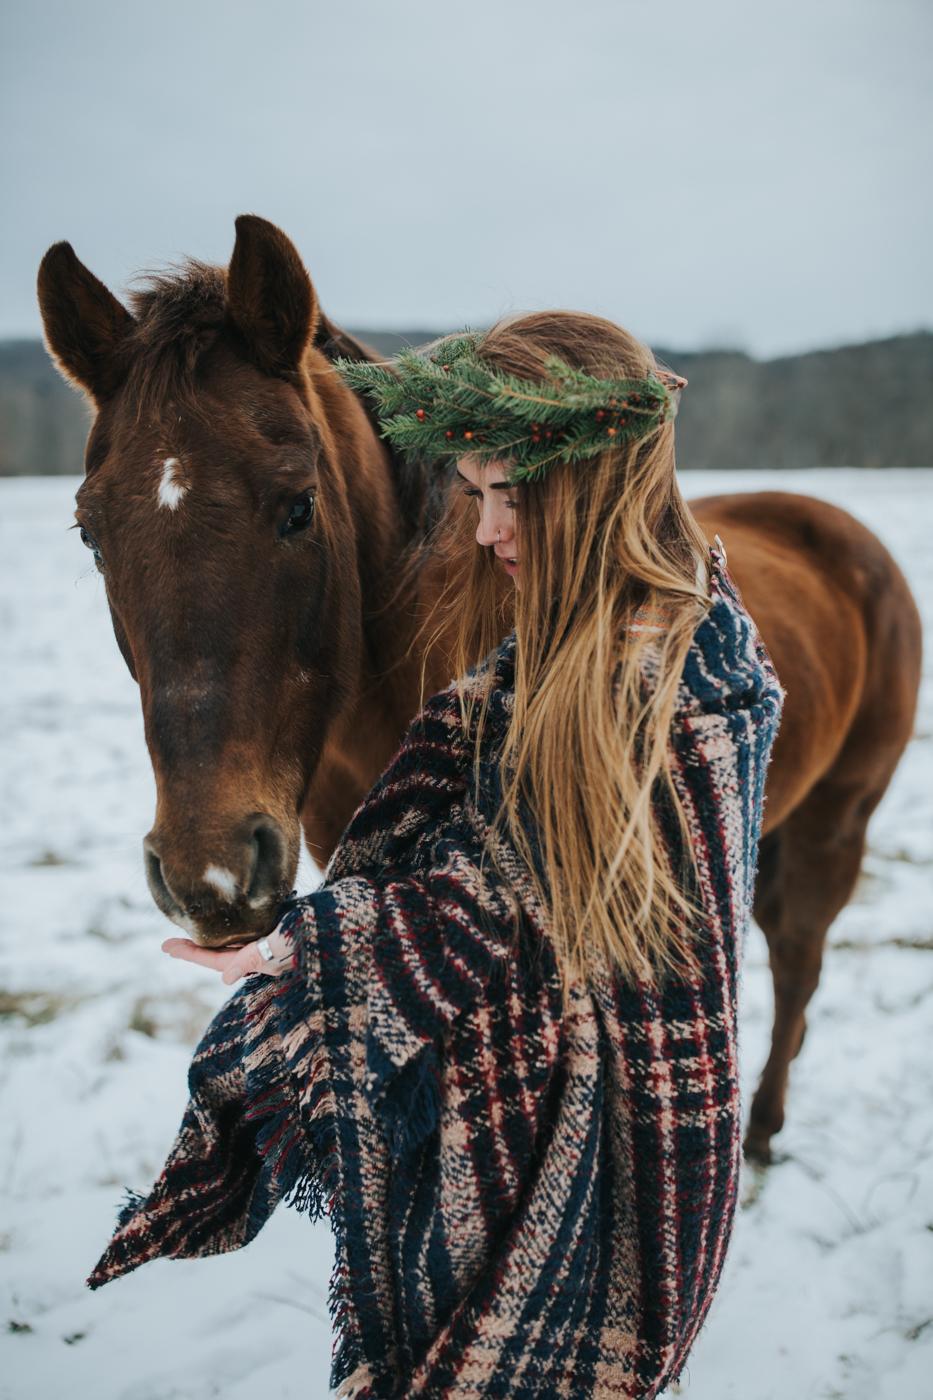 ashley-portraits-oakwood-photo-video-12.jpg